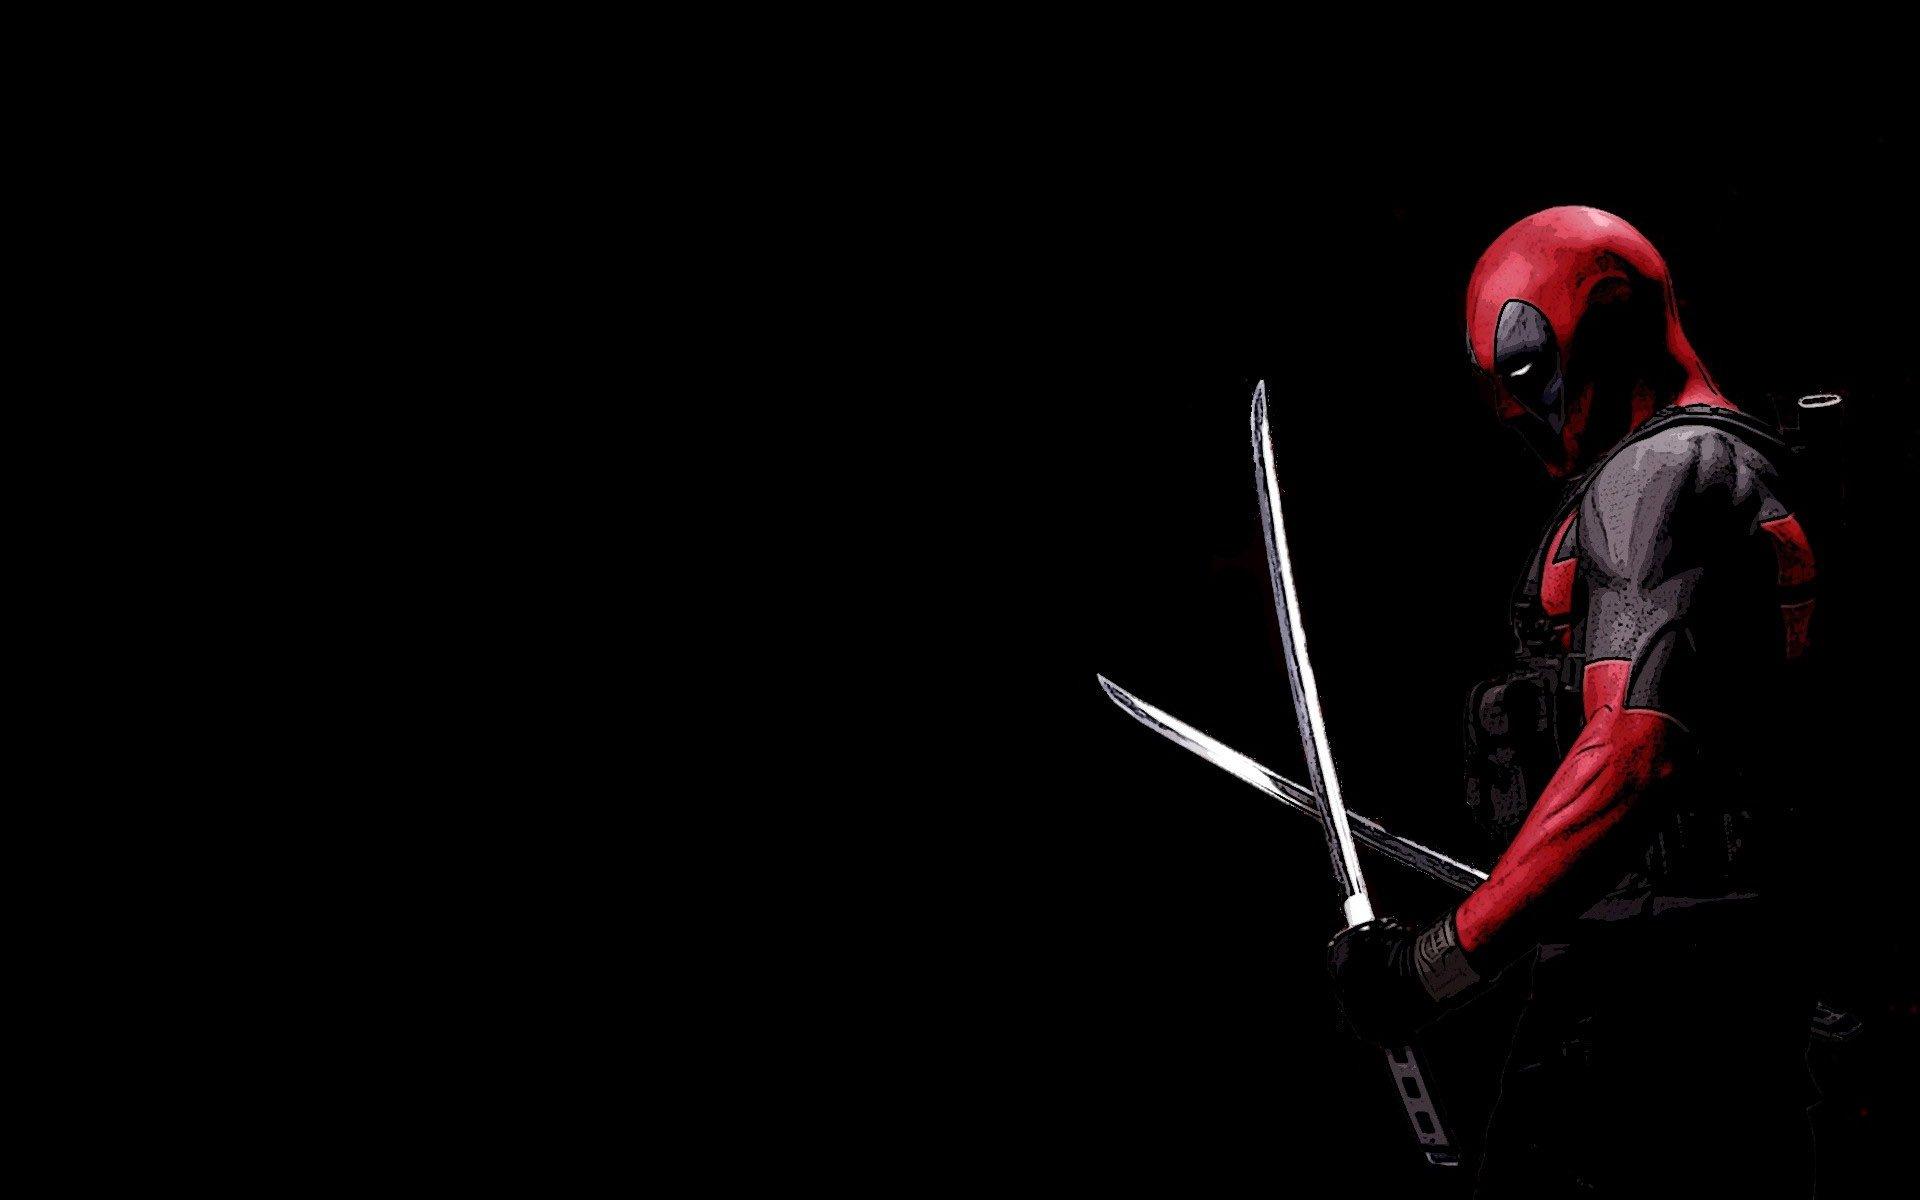 Deadpool 1080p Images